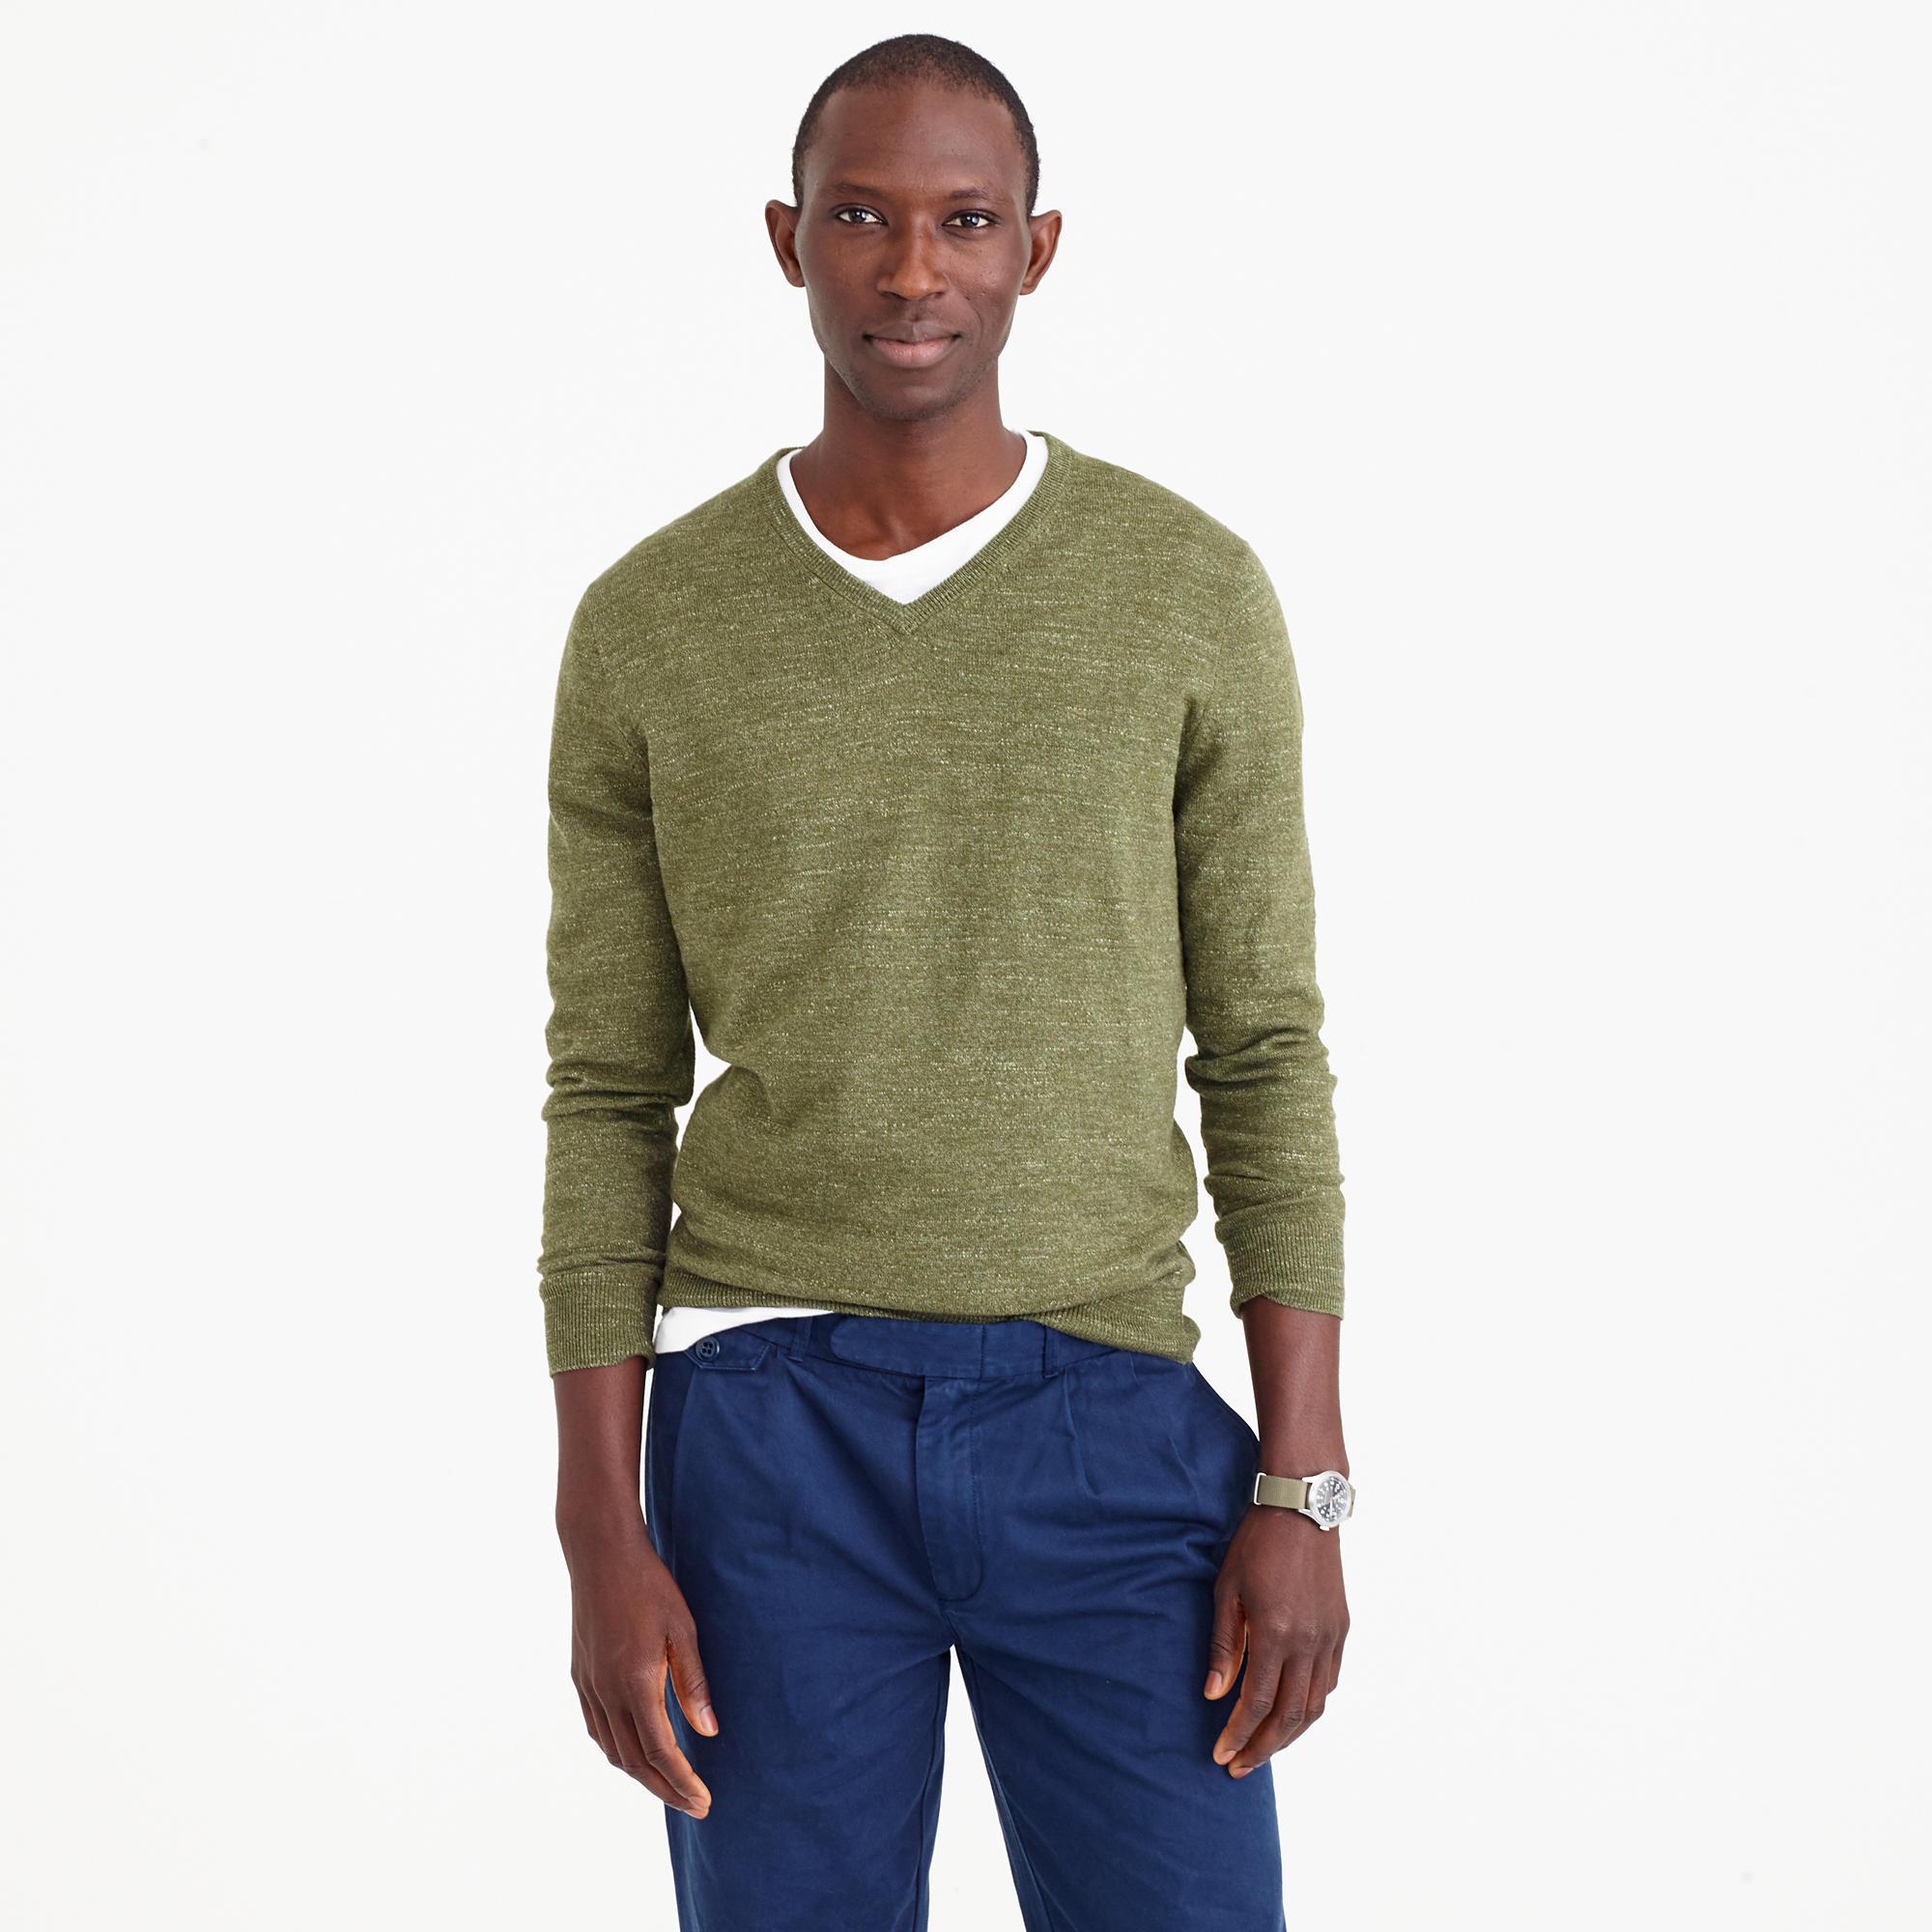 white shirt under v neck sweater